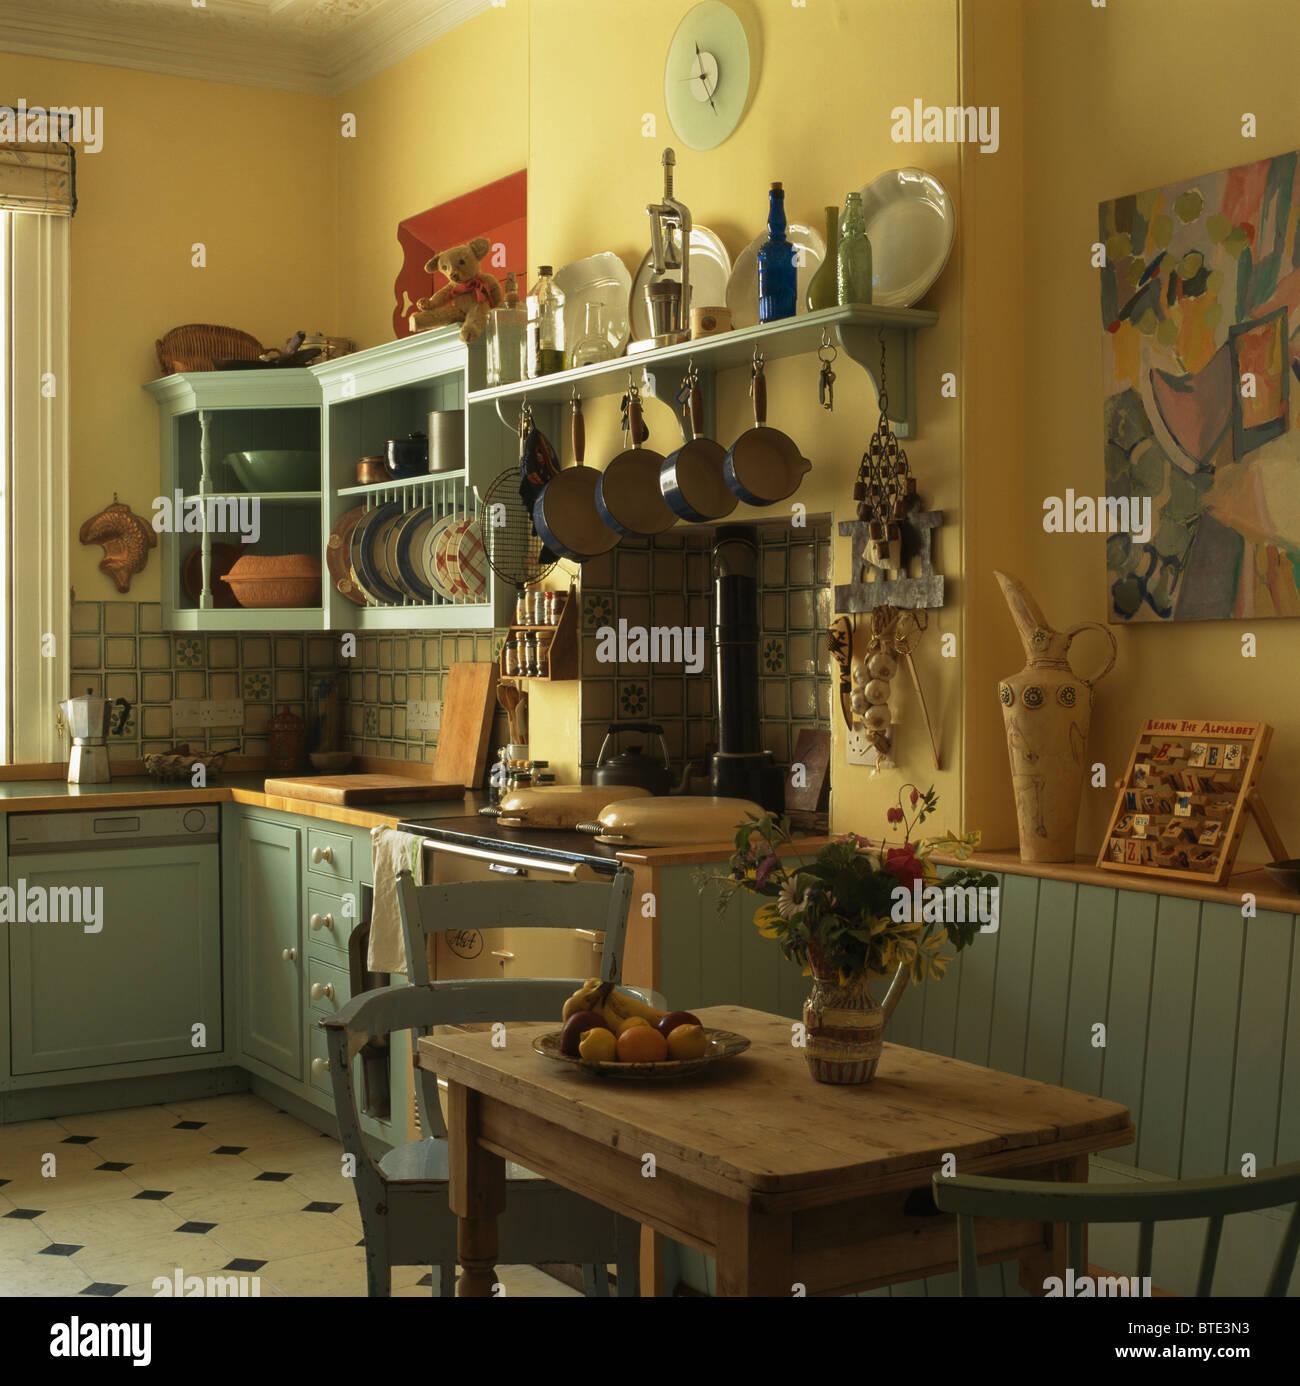 Pino antico tavolo e sedie in vecchio stile cucina giallo ...